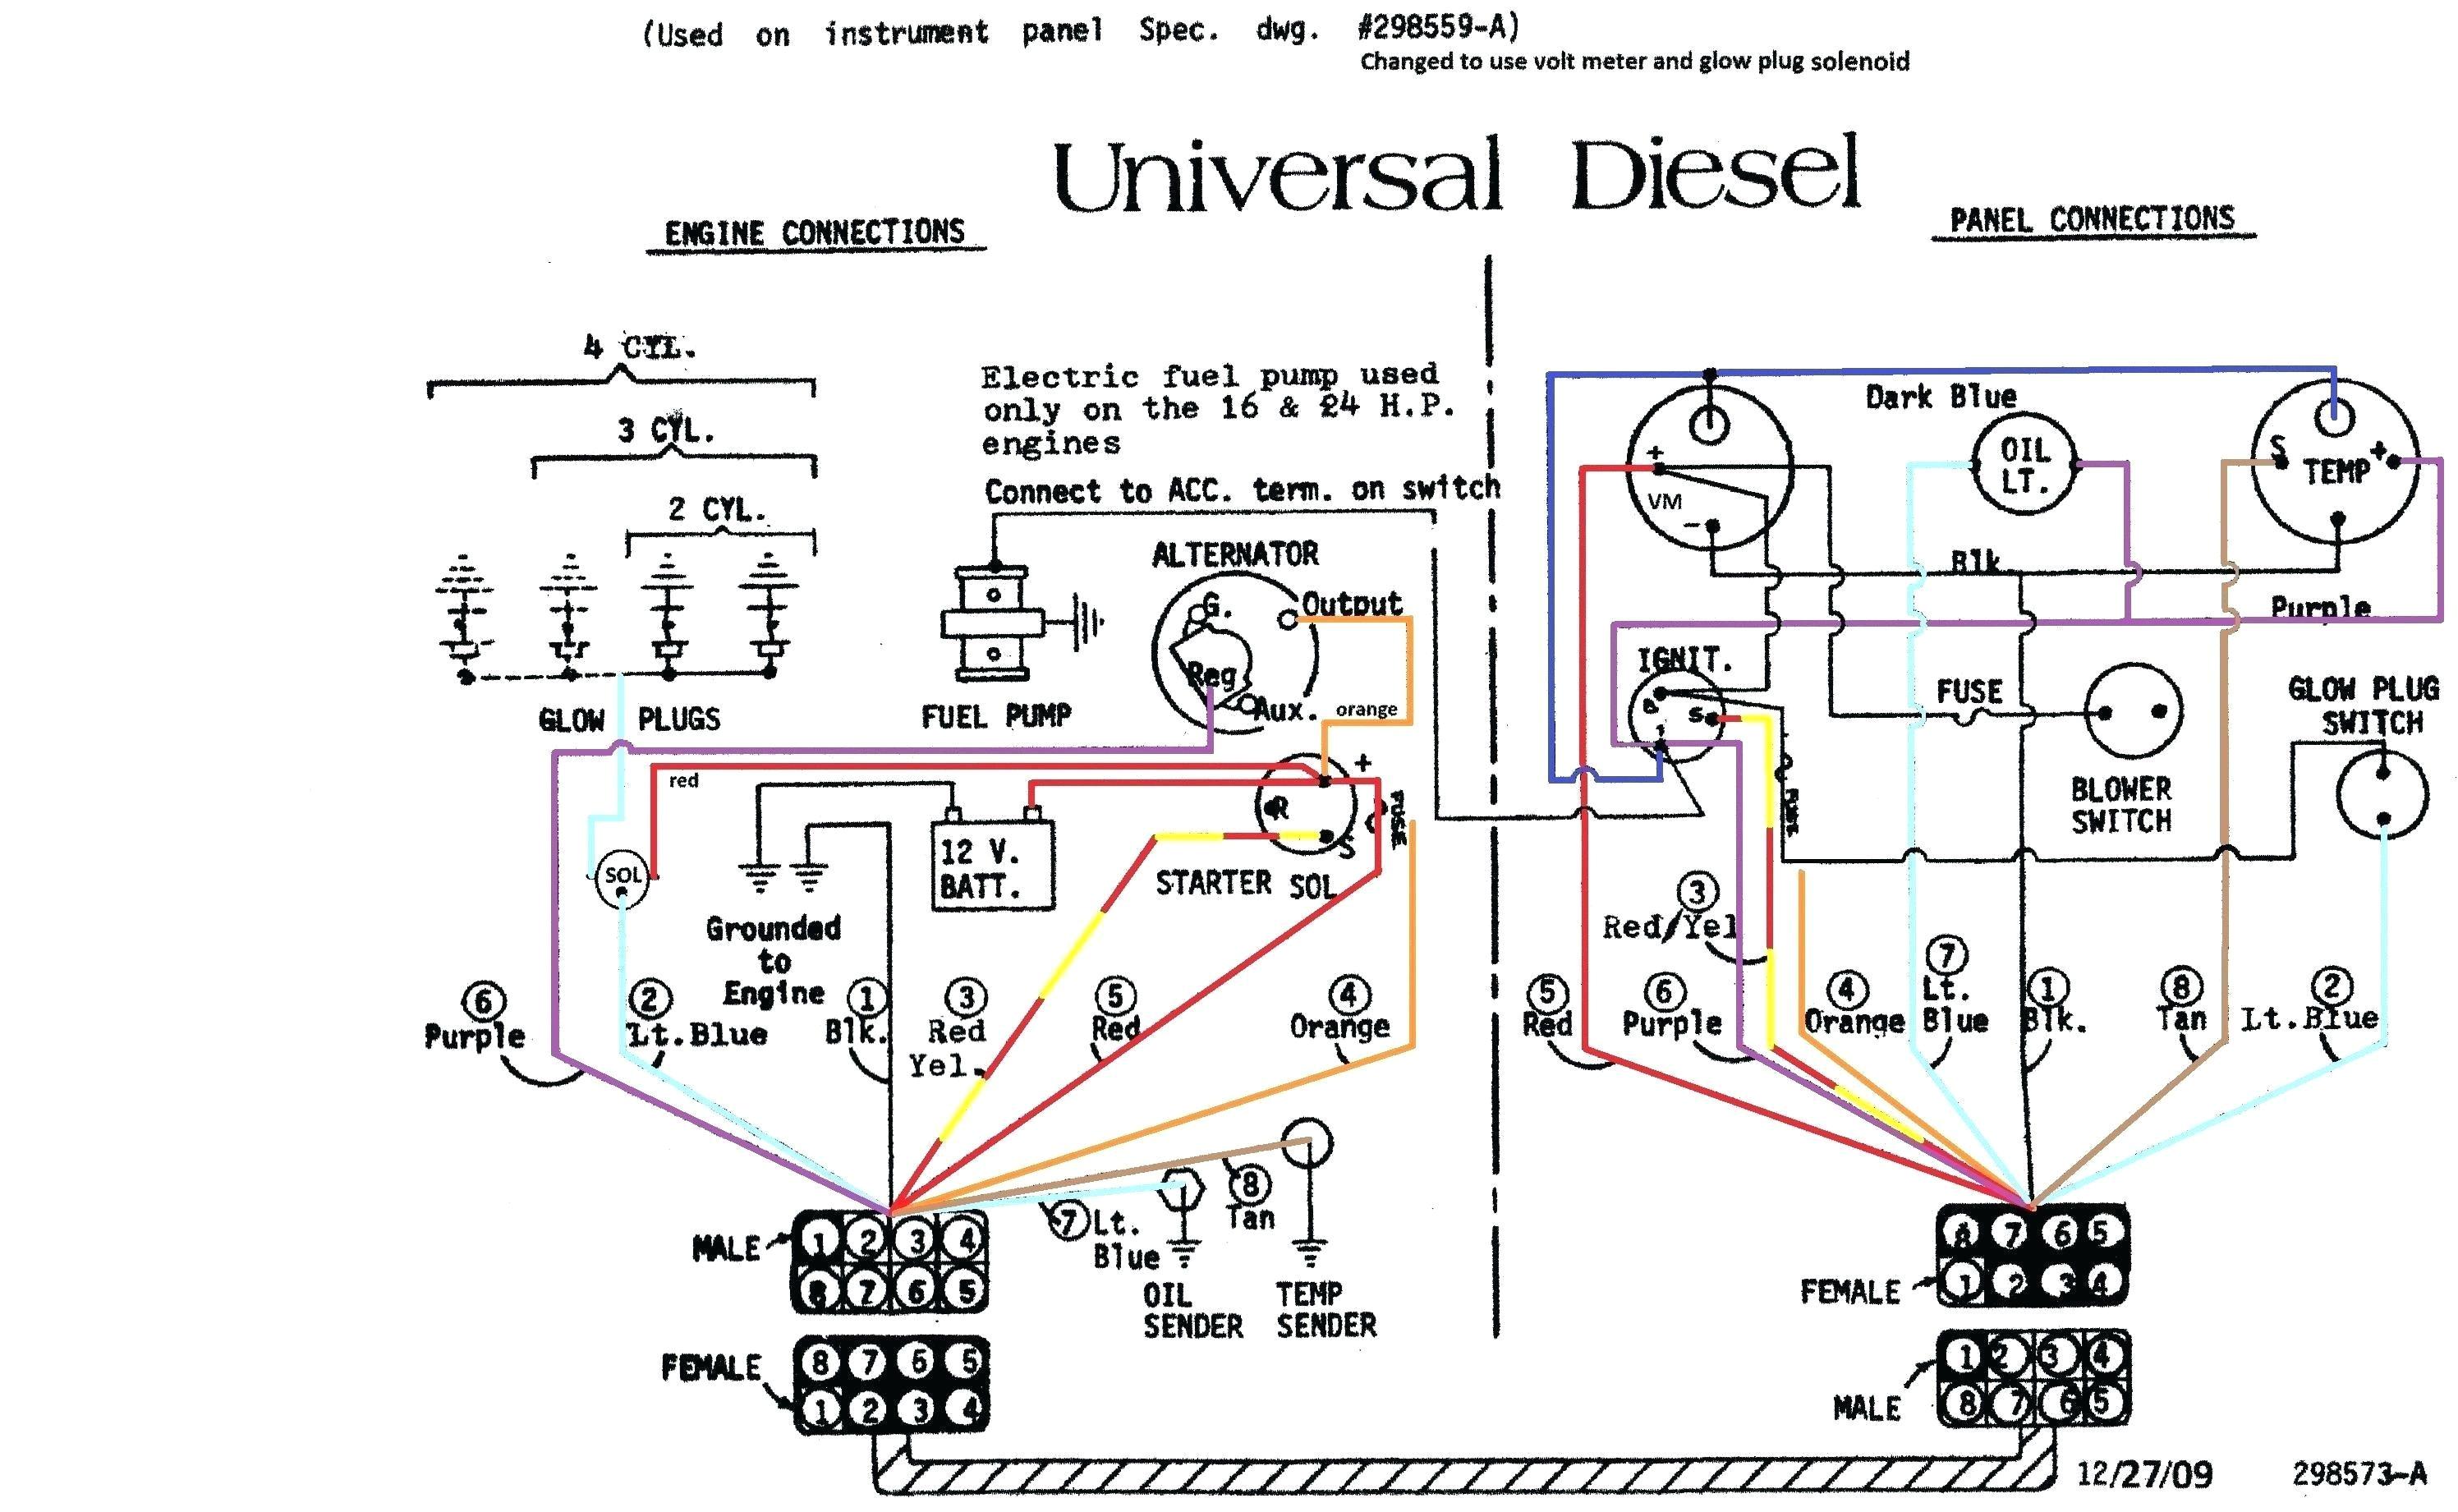 1992 nissan 300zx engine diagram wiring diagram go diagram furthermore nissan 300zx fuel line diagram on 92 nissan 300zx